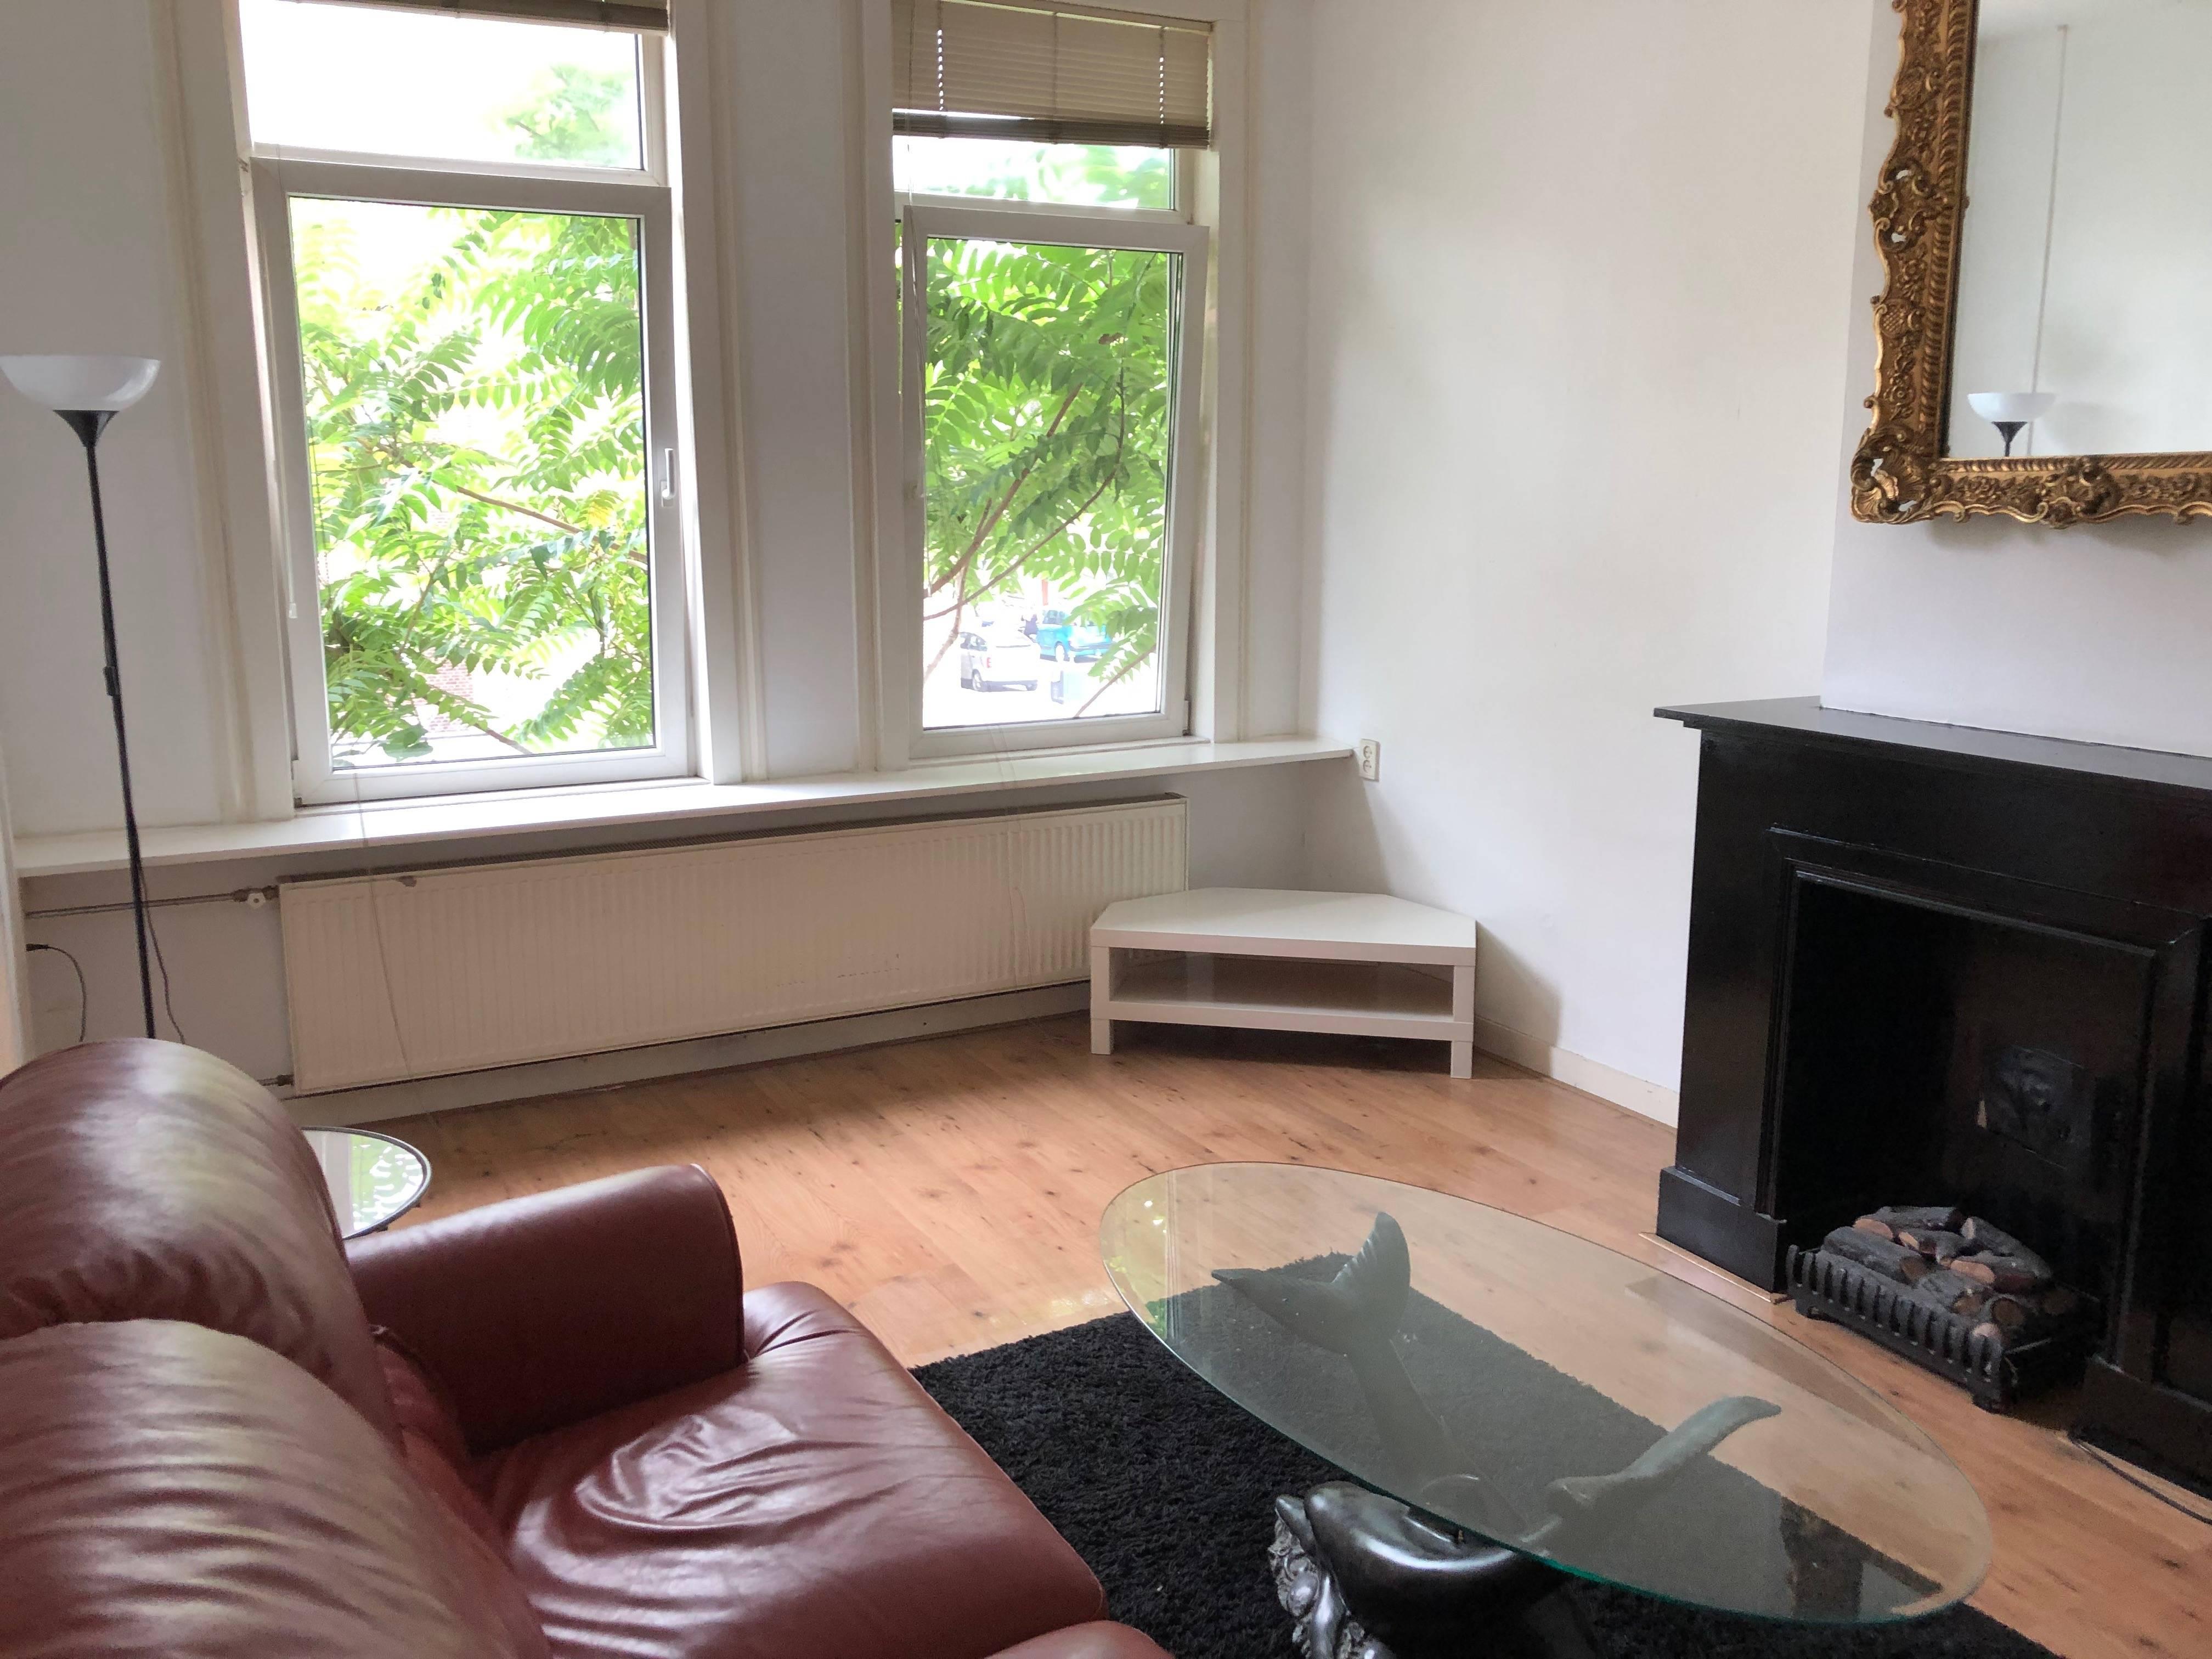 出租 鹿特丹市中心 Beukelsdijk 高级公寓,洗衣机,冰箱等设备齐全